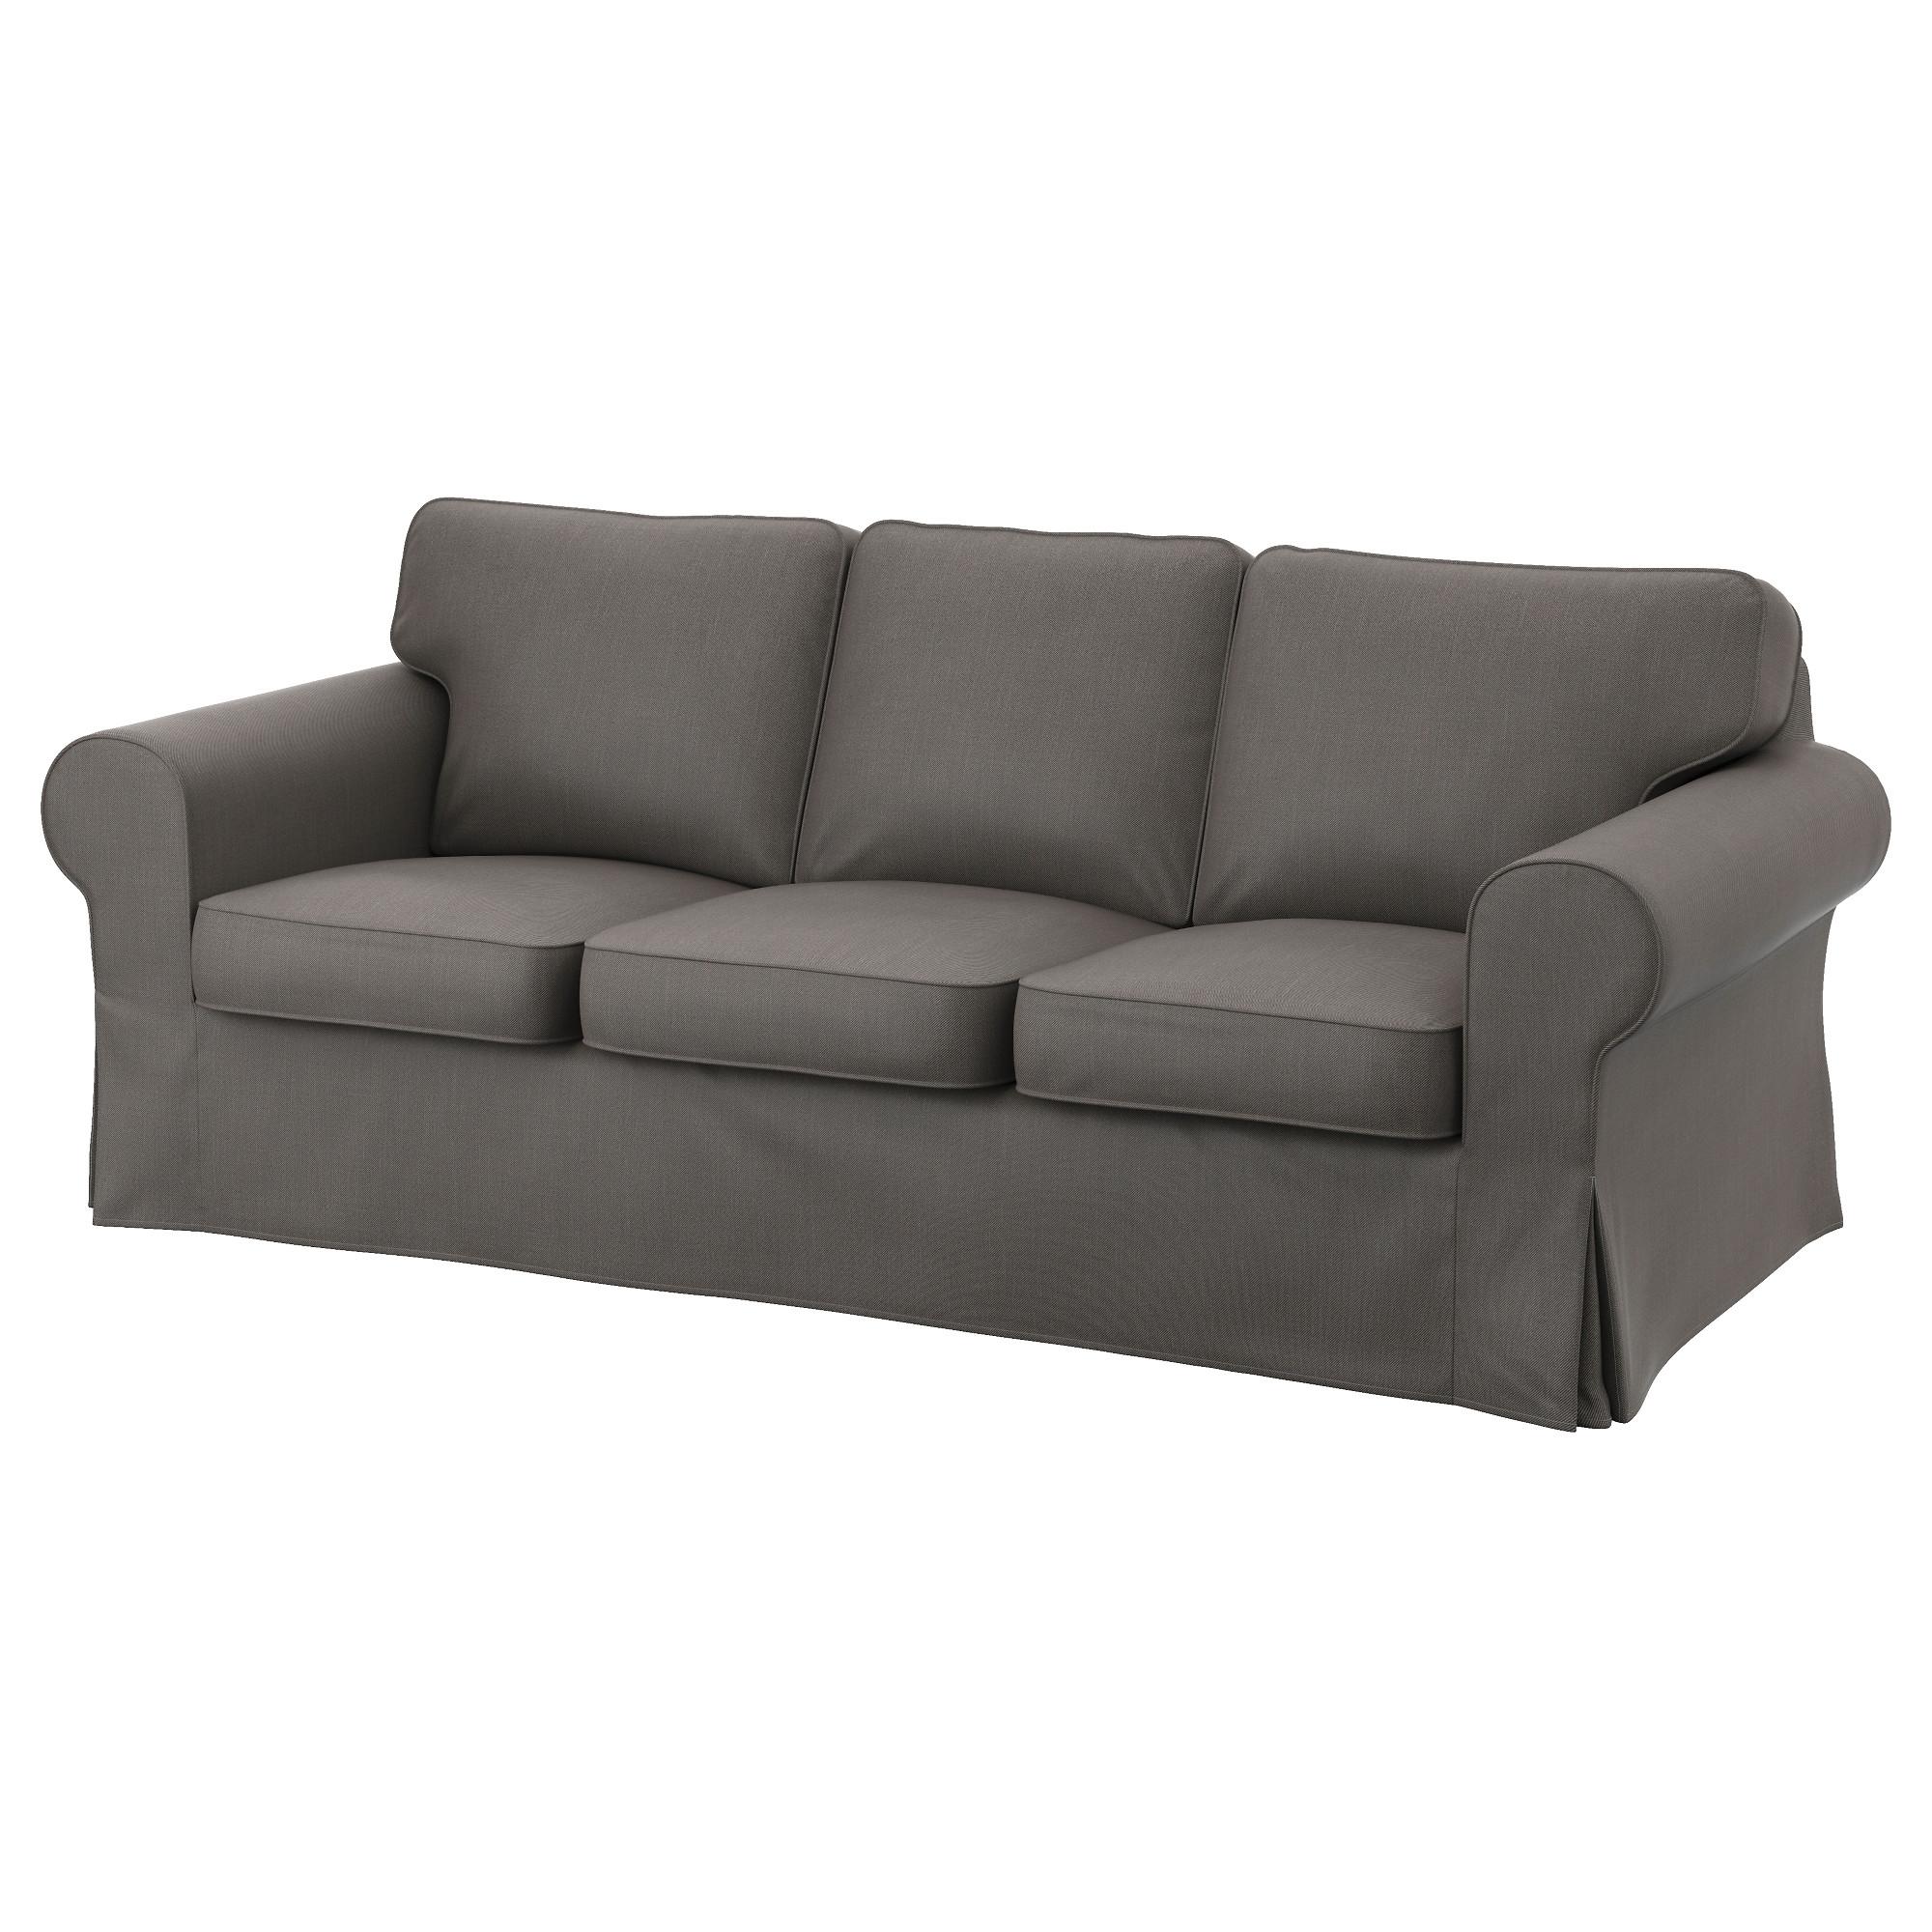 Ektorp funda para sof de 3 plazas - Funda para sofa ikea ...